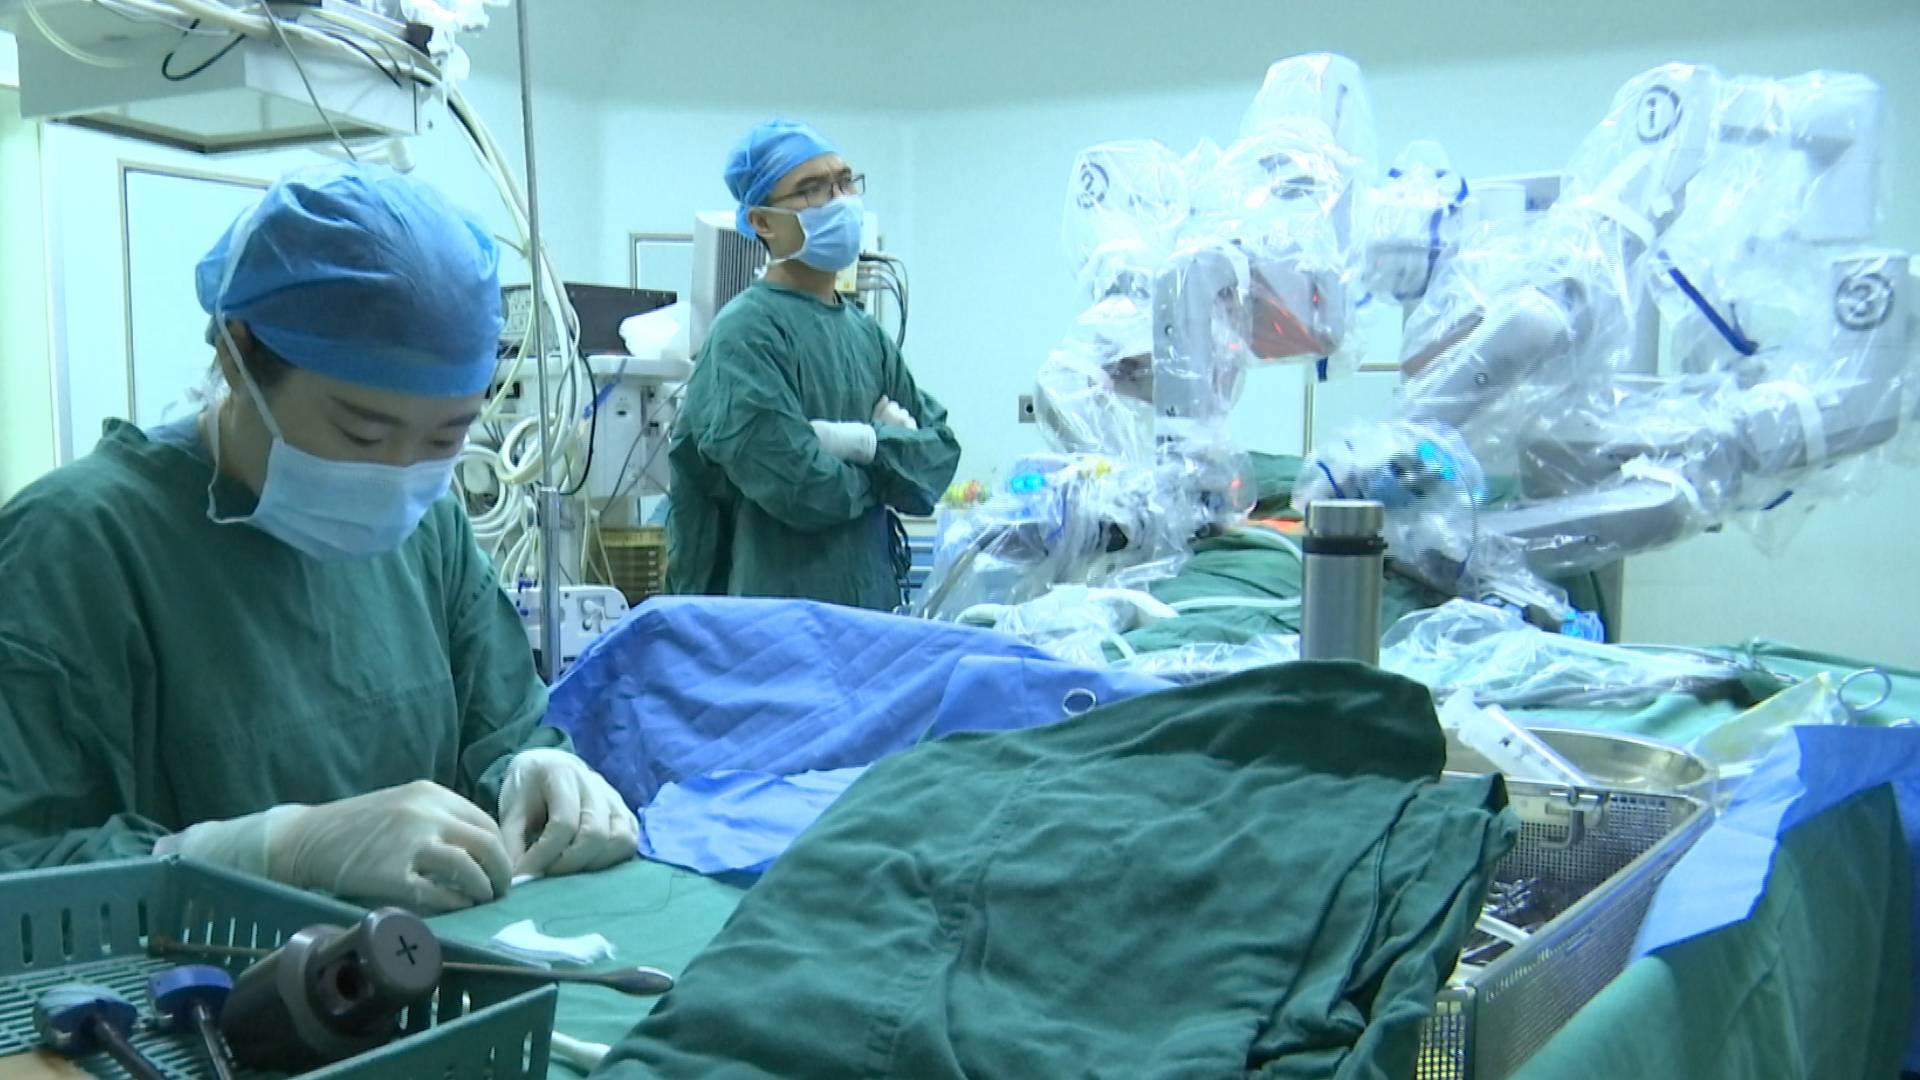 高精尖!联勤保障部队第九六〇医院完成达芬奇机器人手术突破2000例